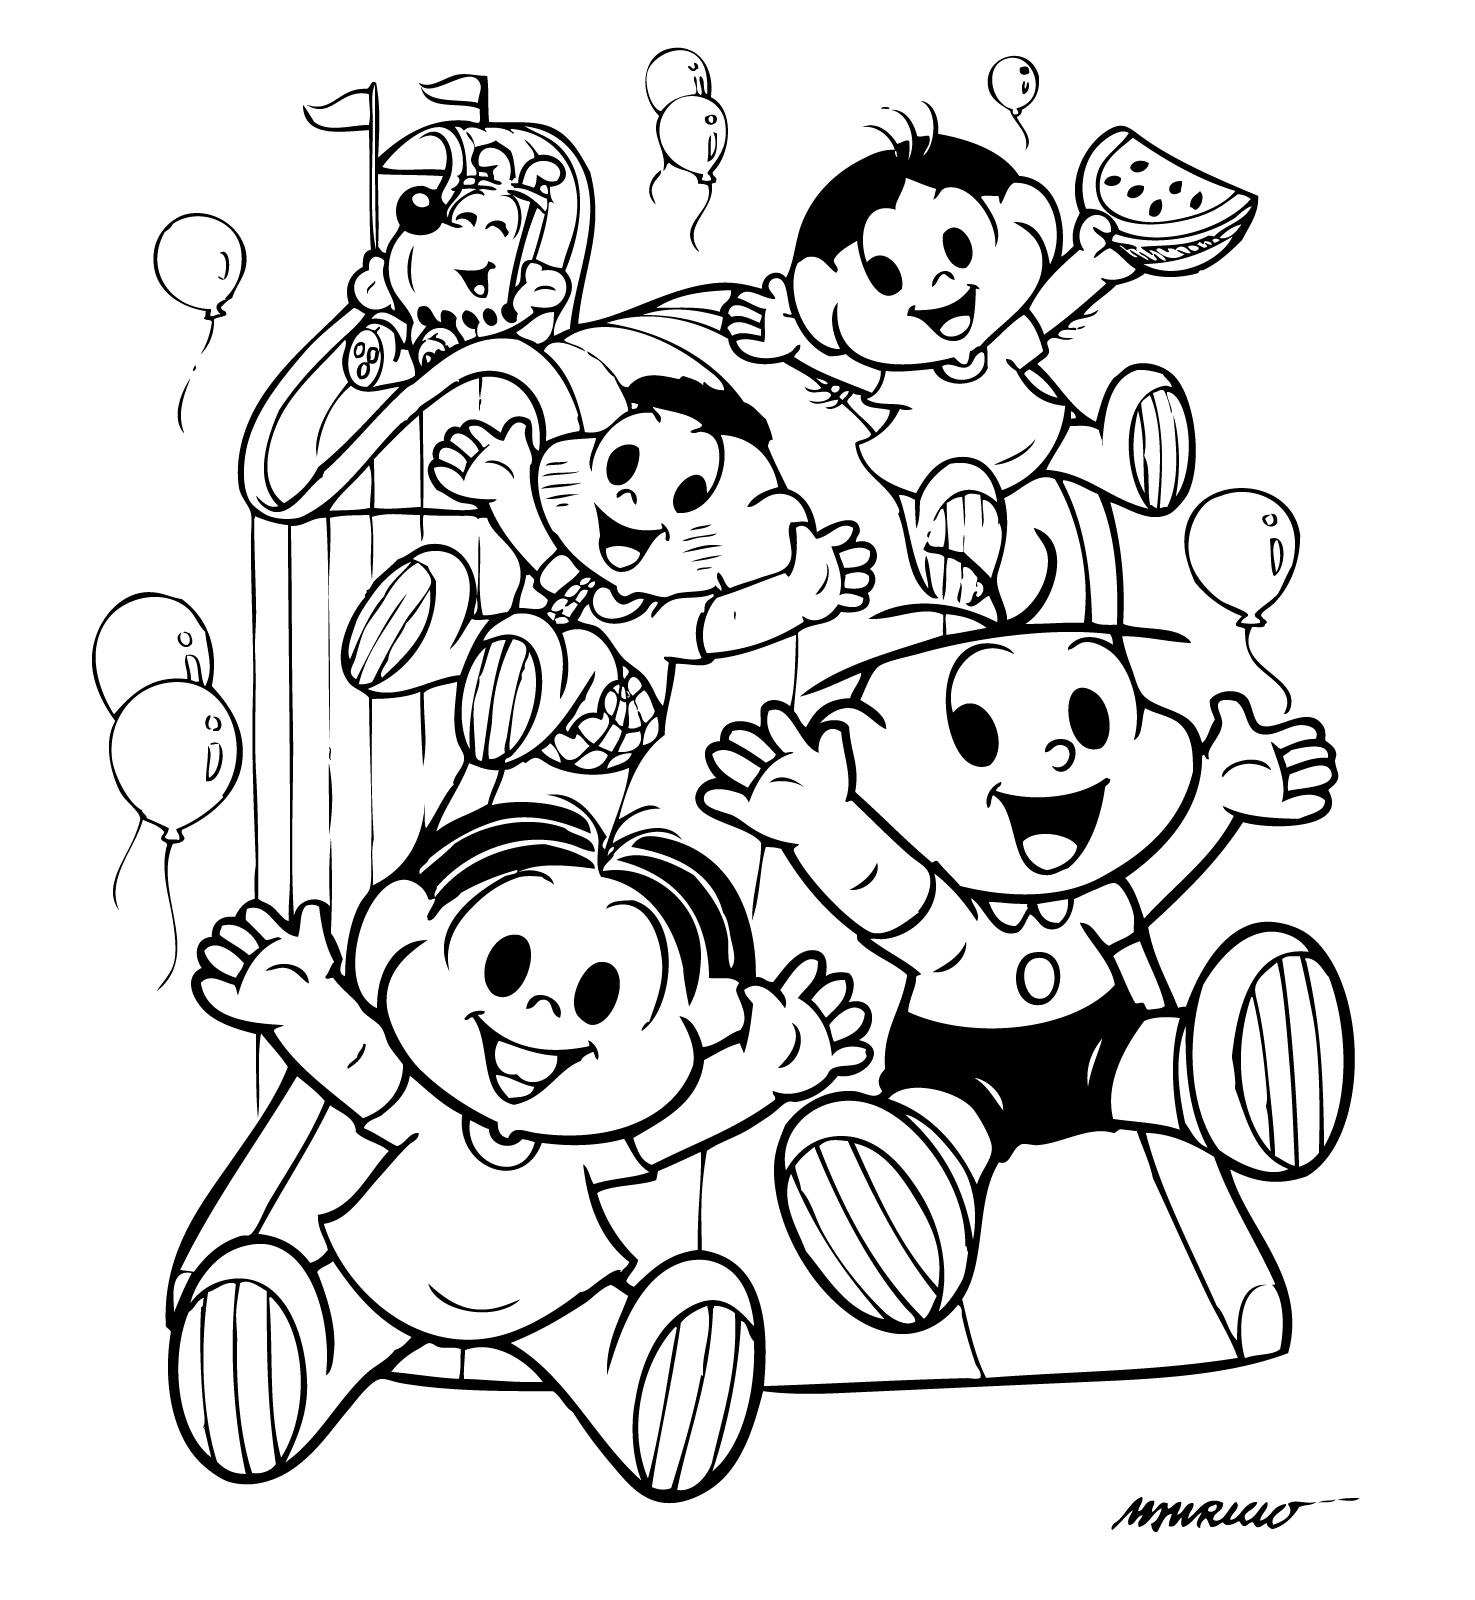 Desenho Para Colorir Da Turma Da Monica Para Imprimir Gratuitamente